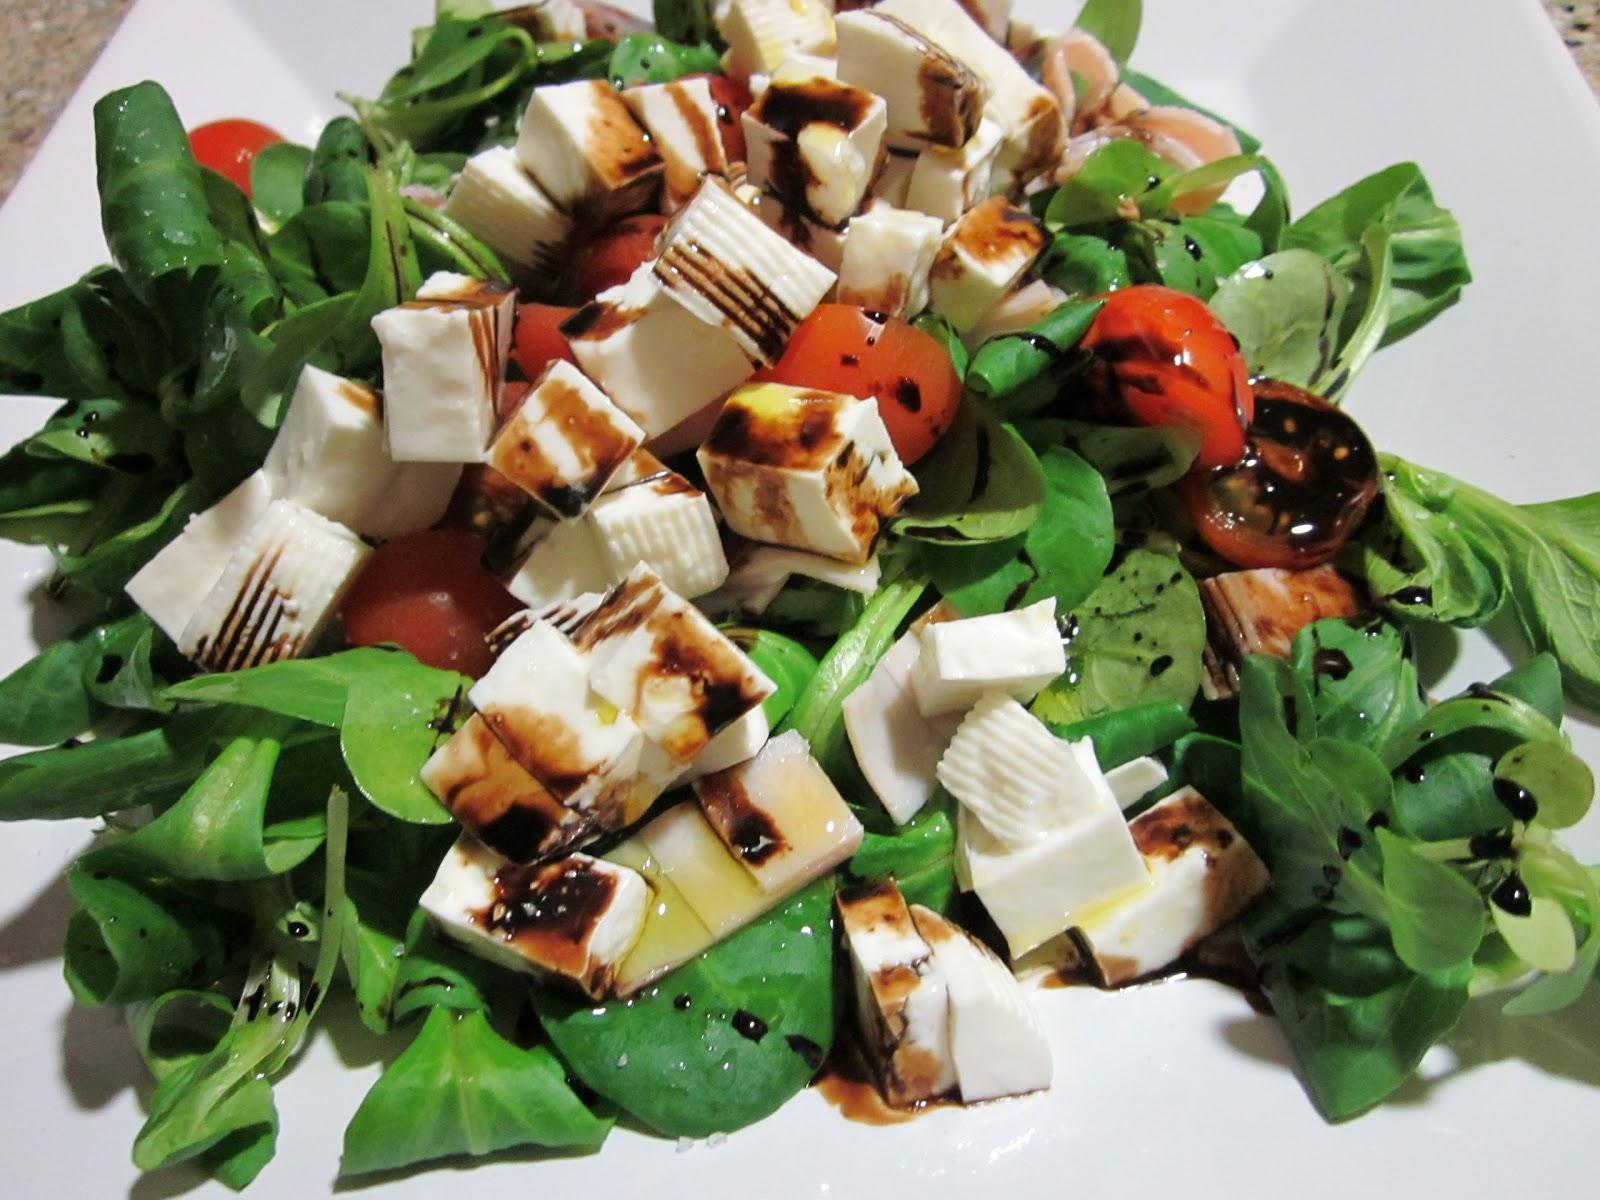 Gastronofilia ensalada de can nigos y queso fresco - Ensaladas con canonigos ...